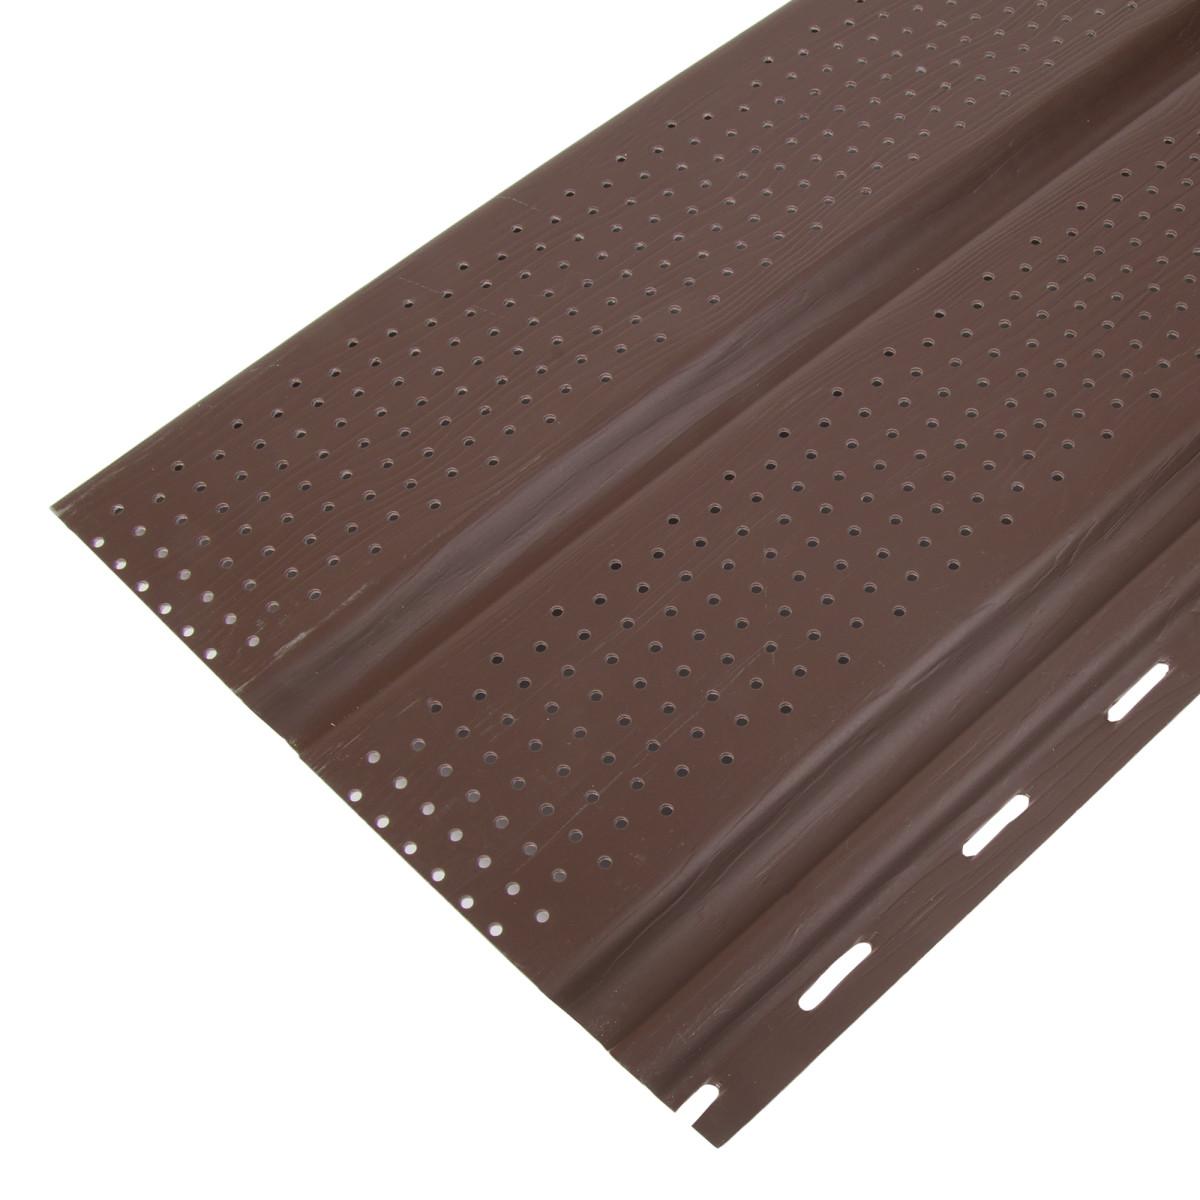 Софит перфорированный 3000 мм c круглыми отверстиями цвет темно-коричневый